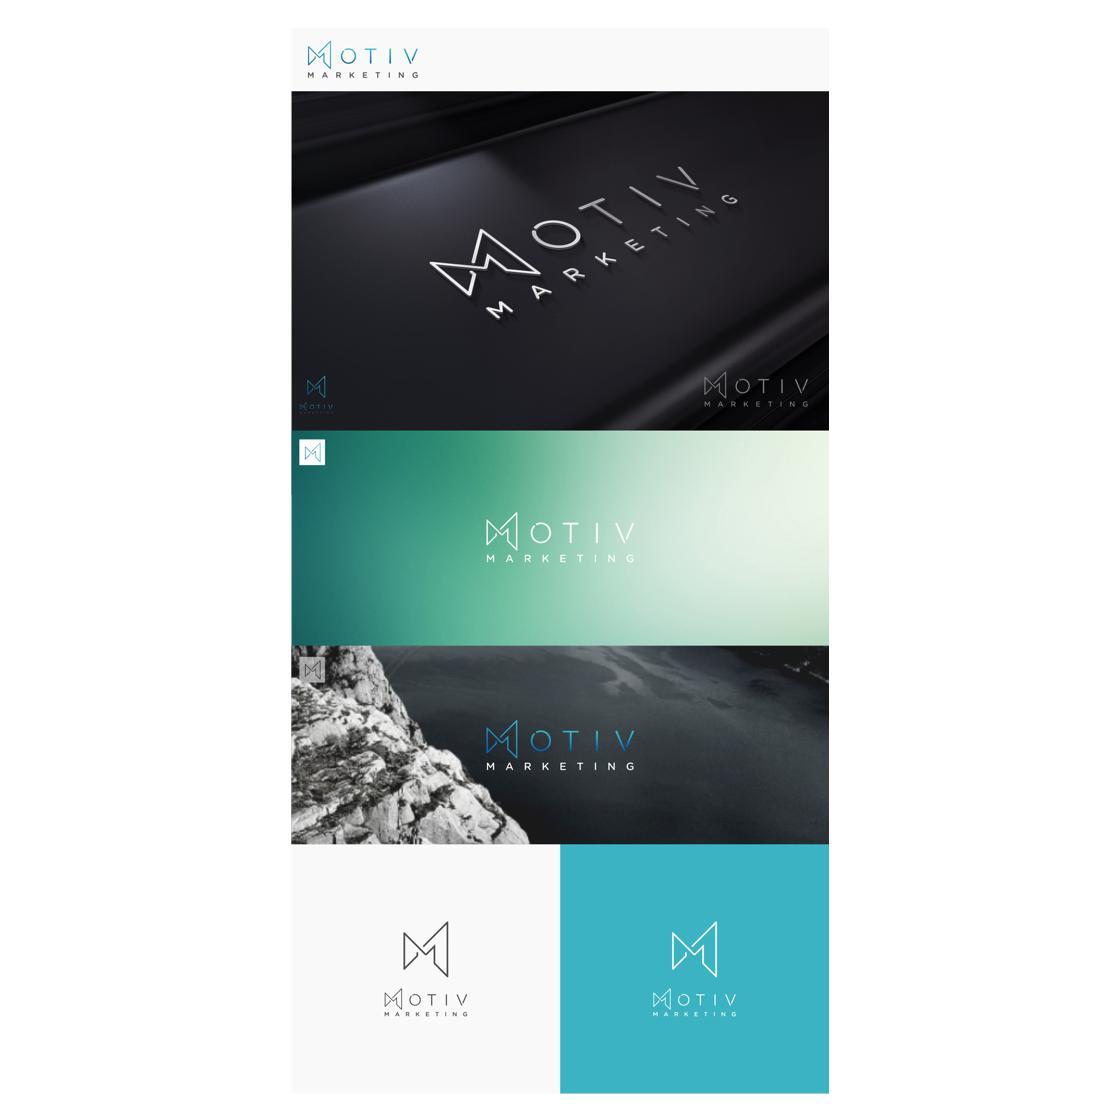 social media assets designed by bilhill_art